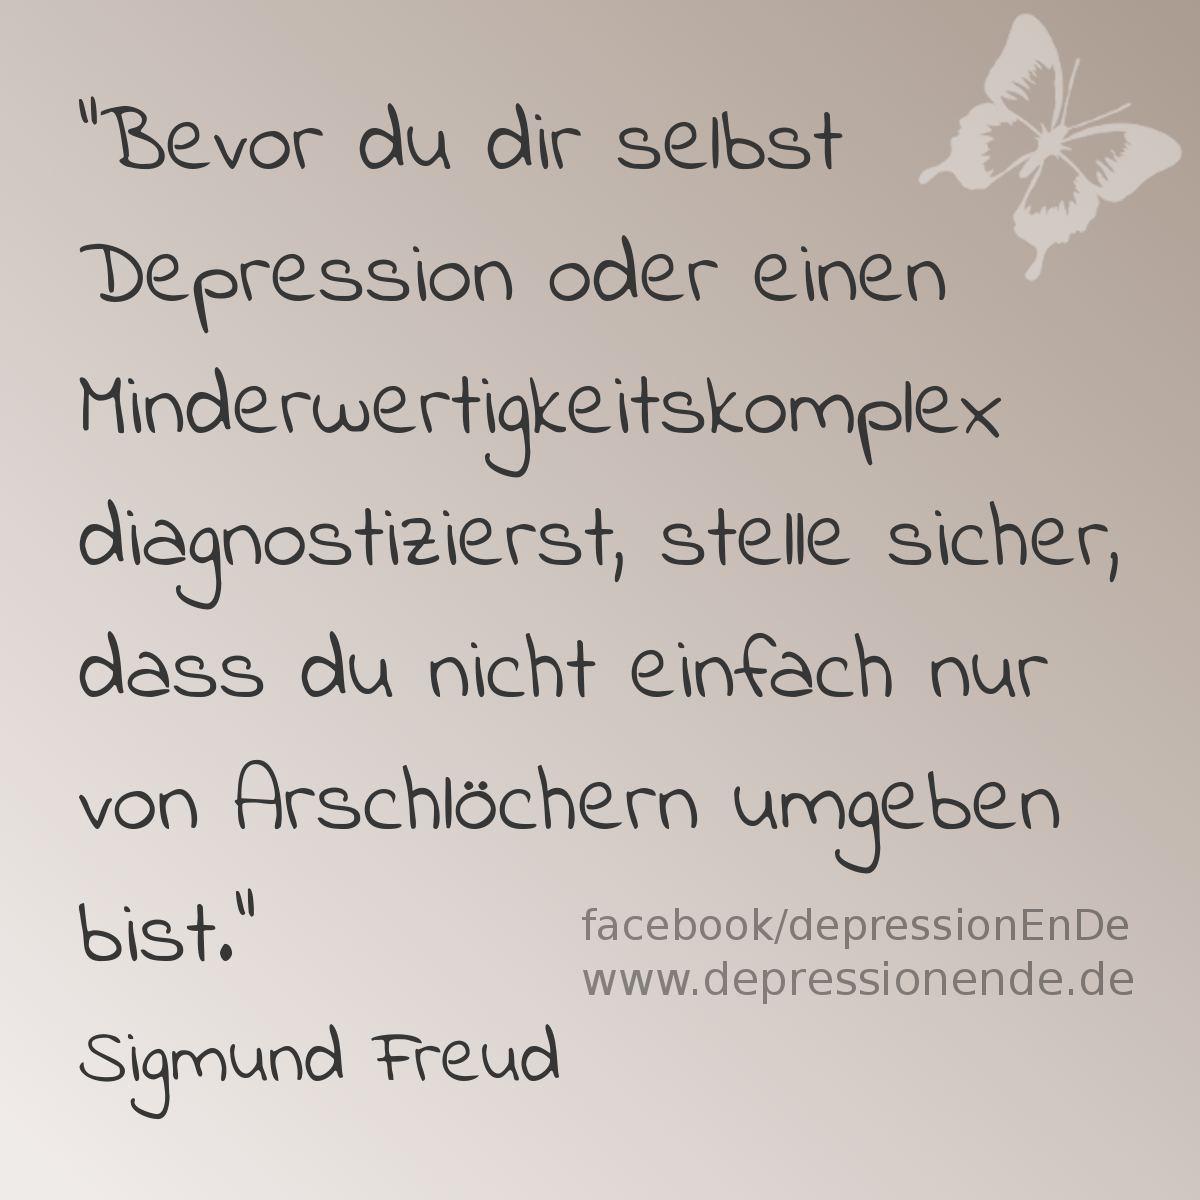 """Spruchbild - Bevor du dir selbst Depression oder einen Minderwertigkeitskomplex diagnostizierst, stelle sicher, dass du nicht einfach nur von Arschlöchern umgeben bist."""" Sigmund Freud"""